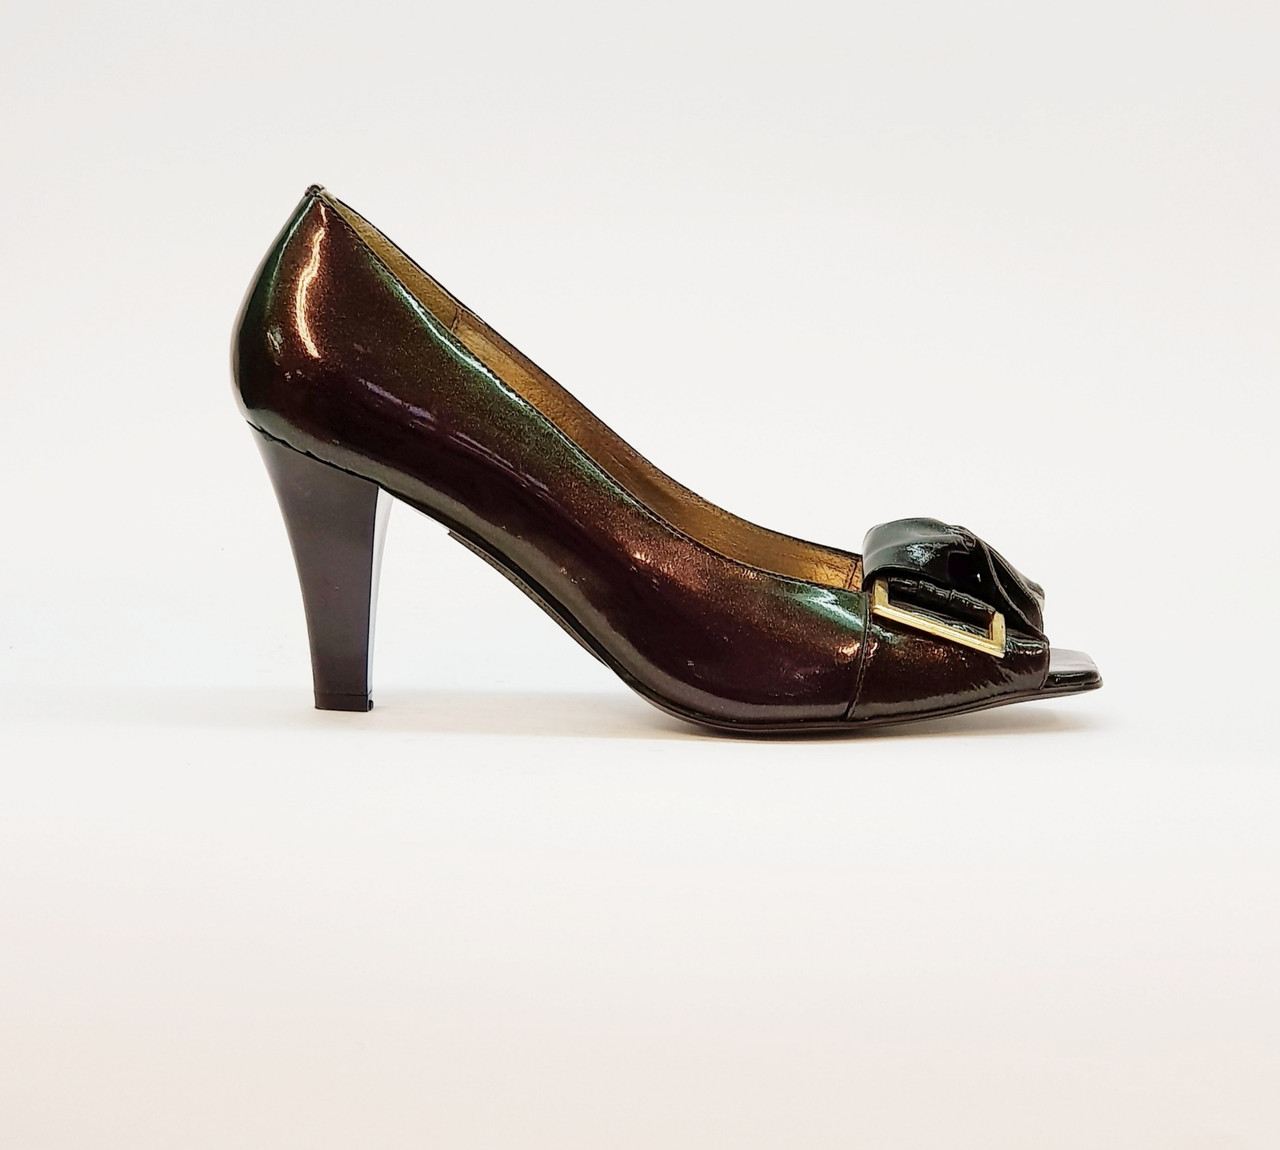 Туфли женские летние на среднем каблуке из натуральной лаковой кожи сиреневые с открытым носком